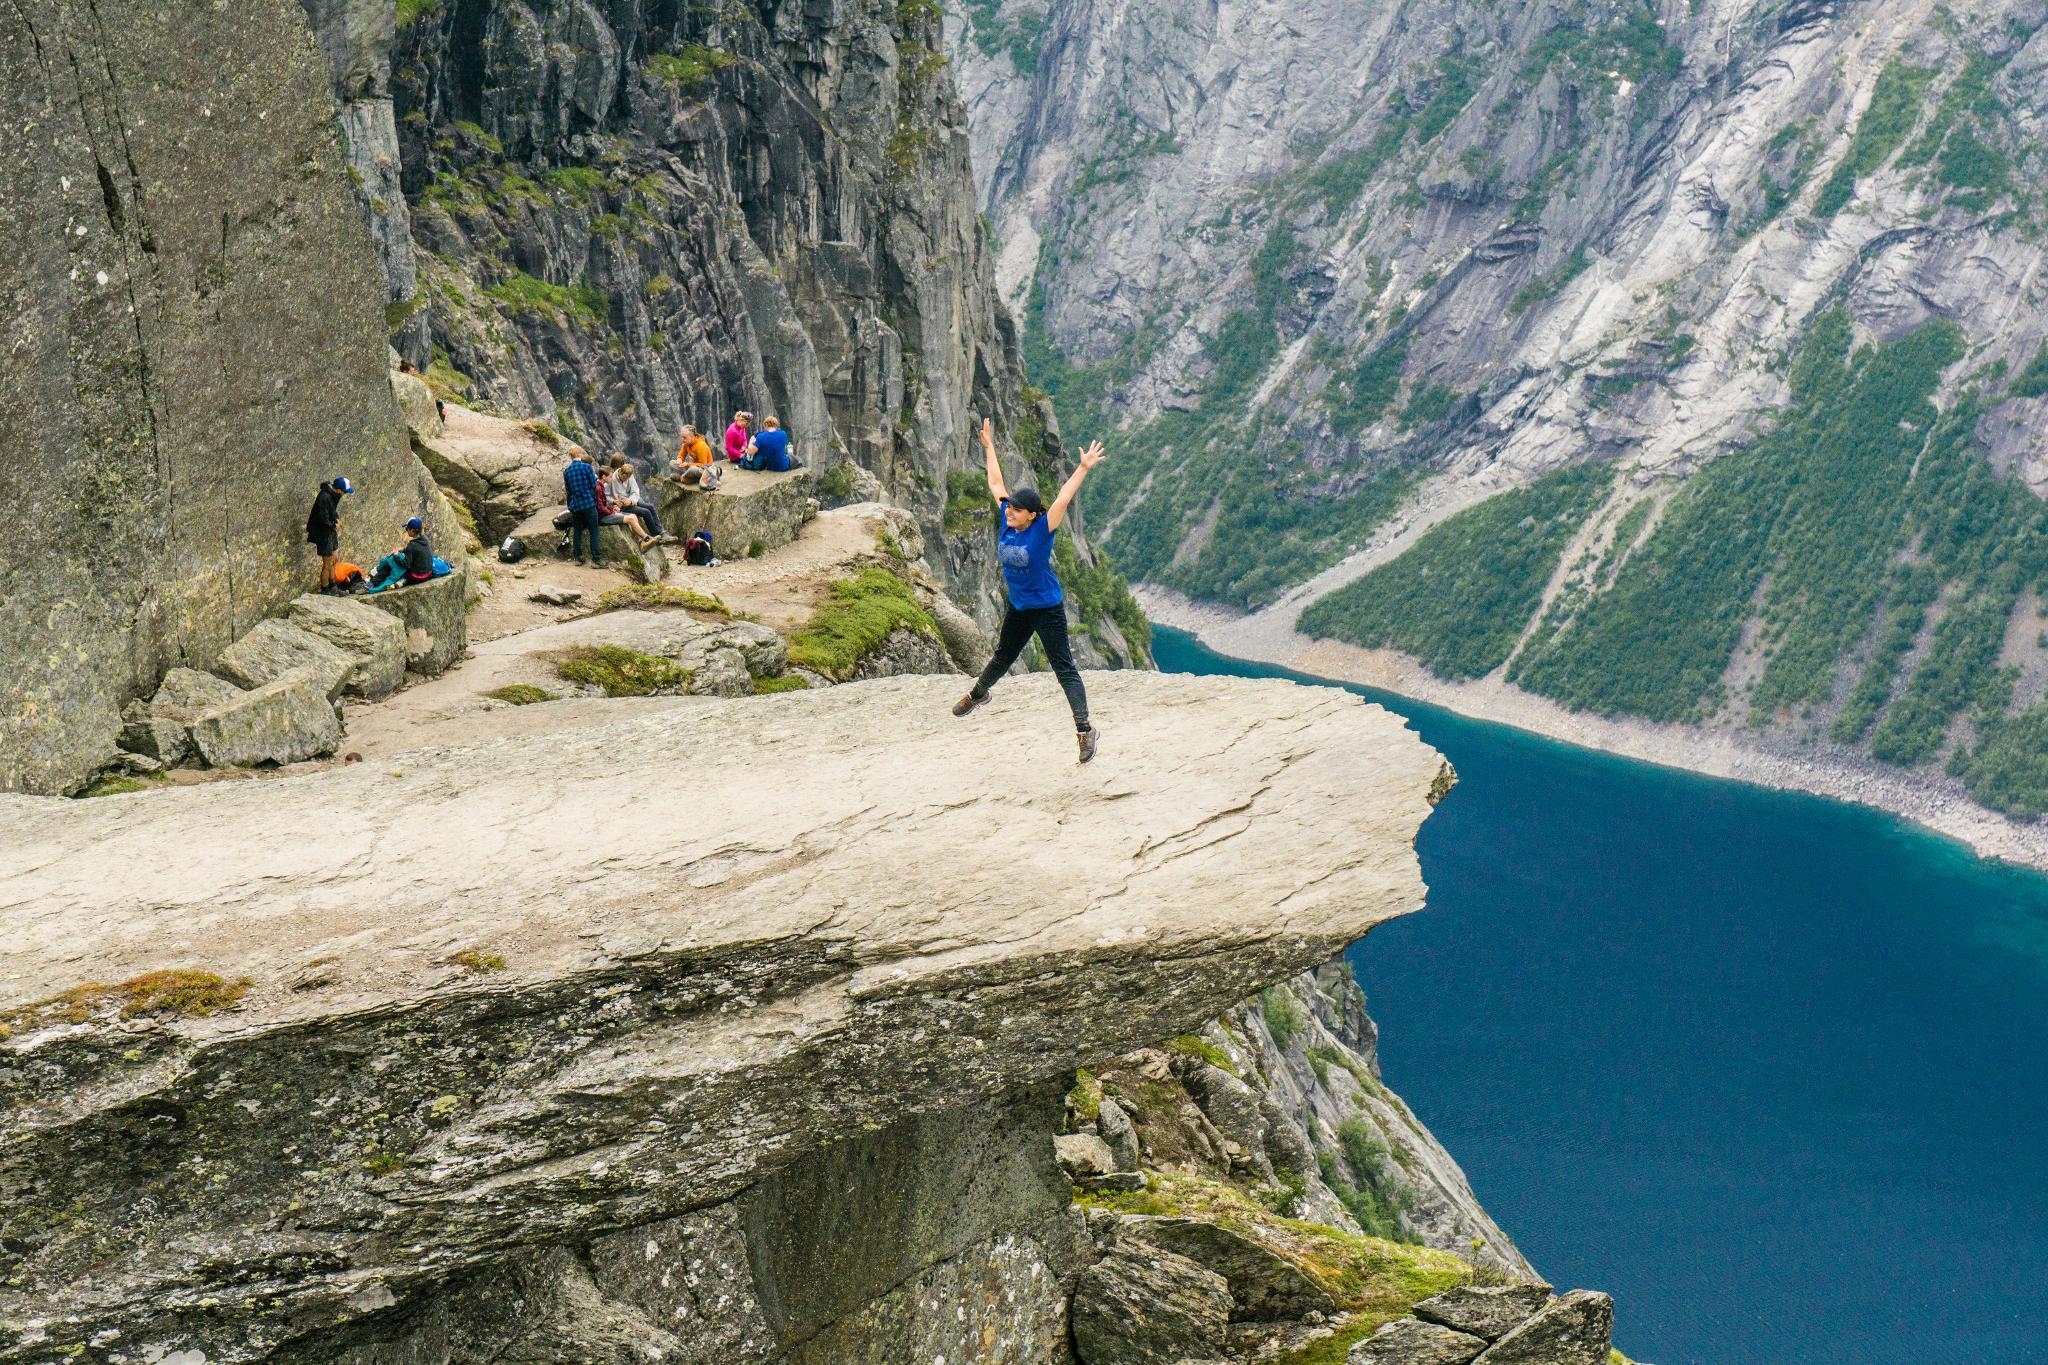 【北歐景點】挪威惡魔之舌 Trolltunga — 28公里健行挑戰全攻略 228